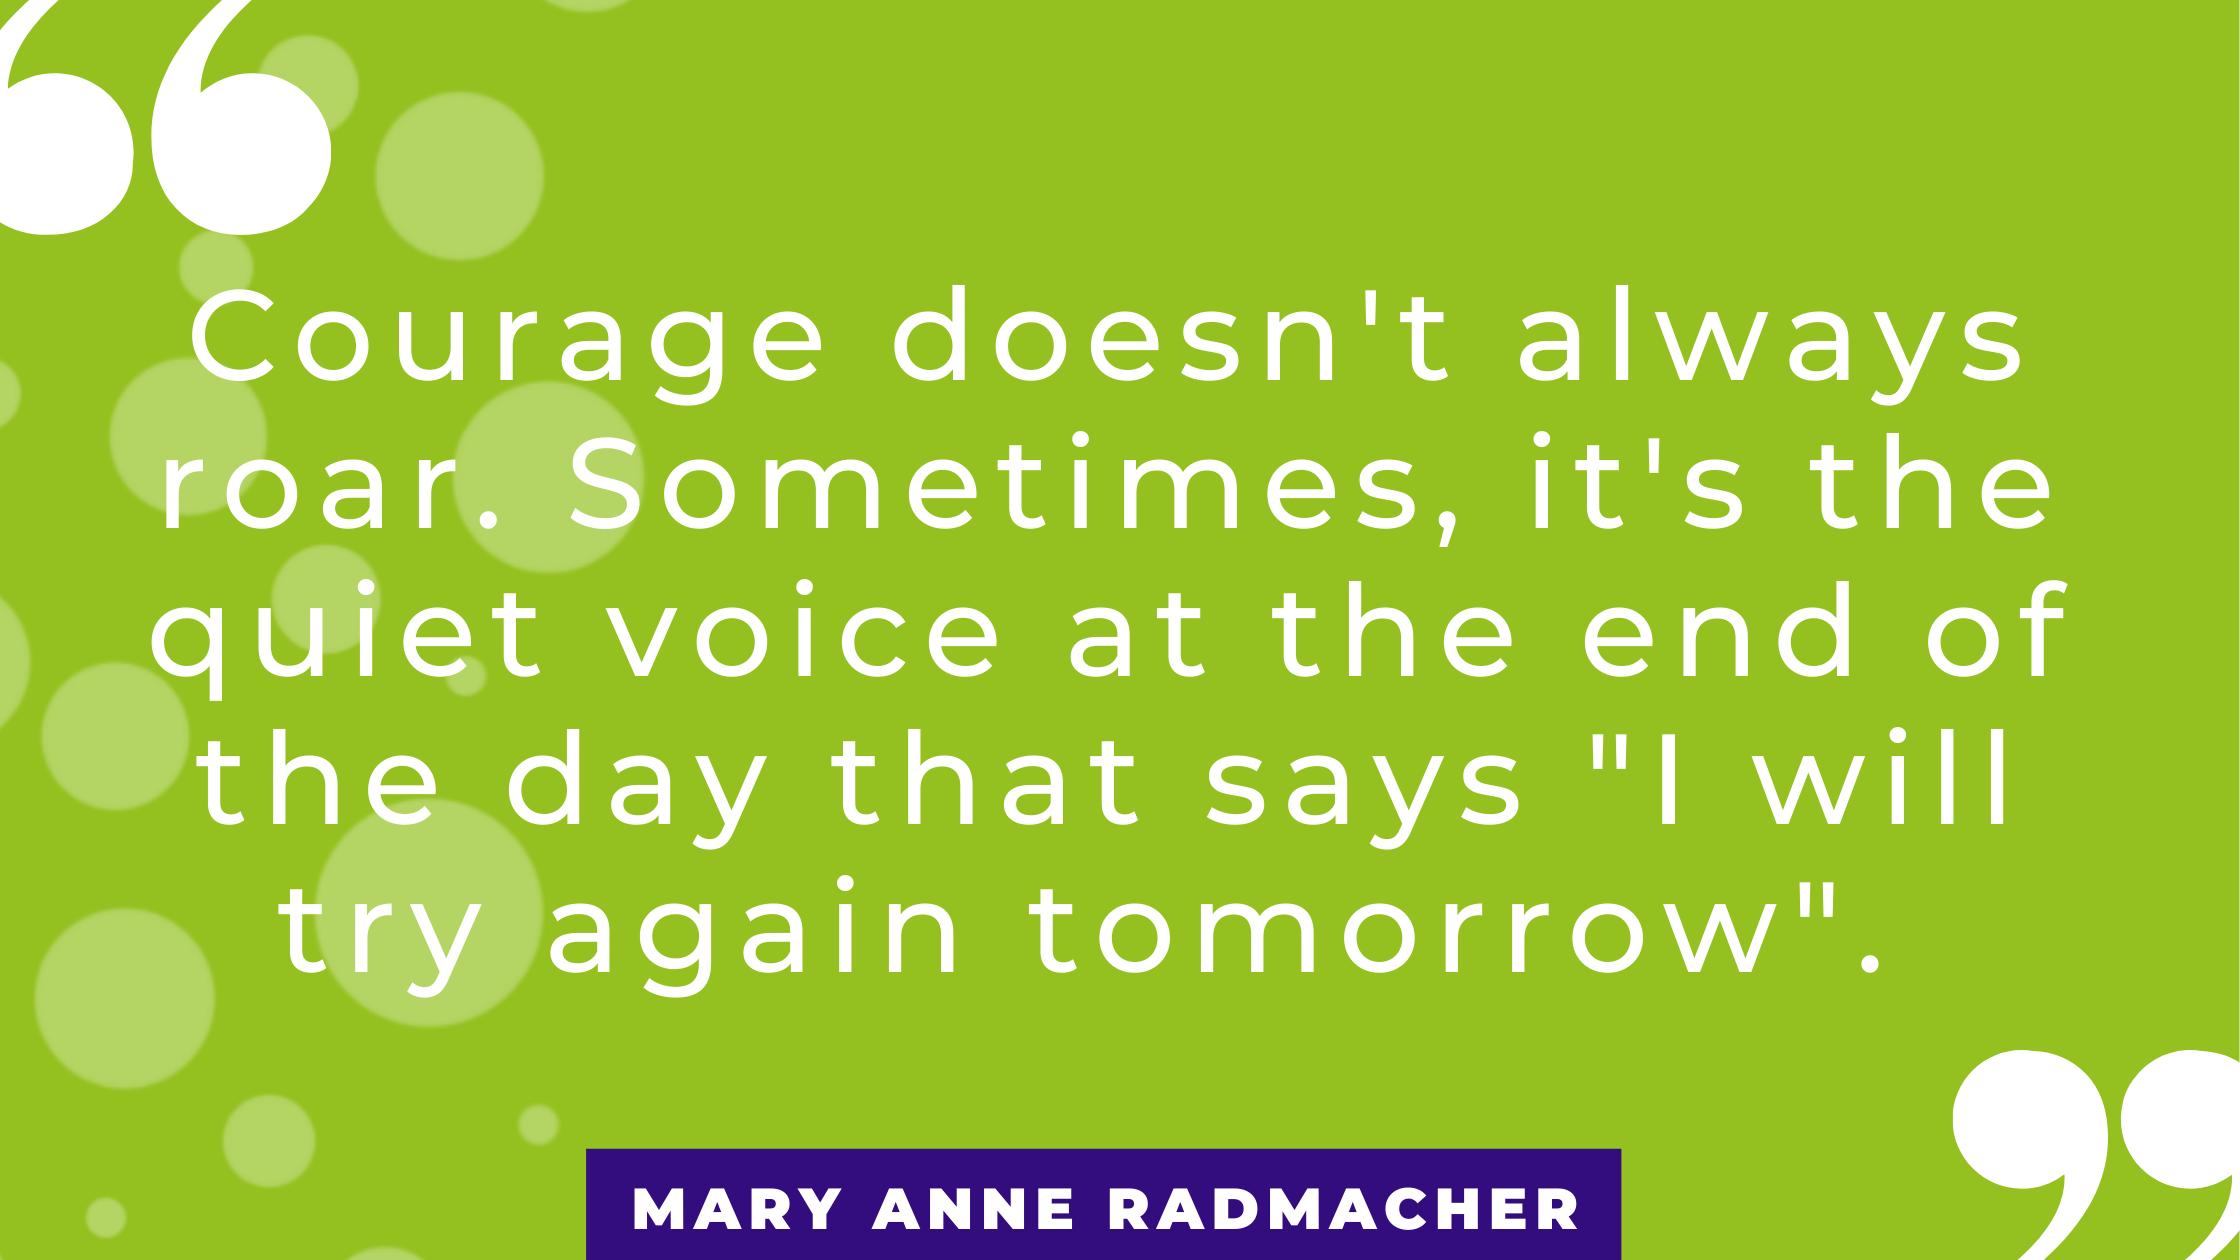 Mary Anne Radmacher quote